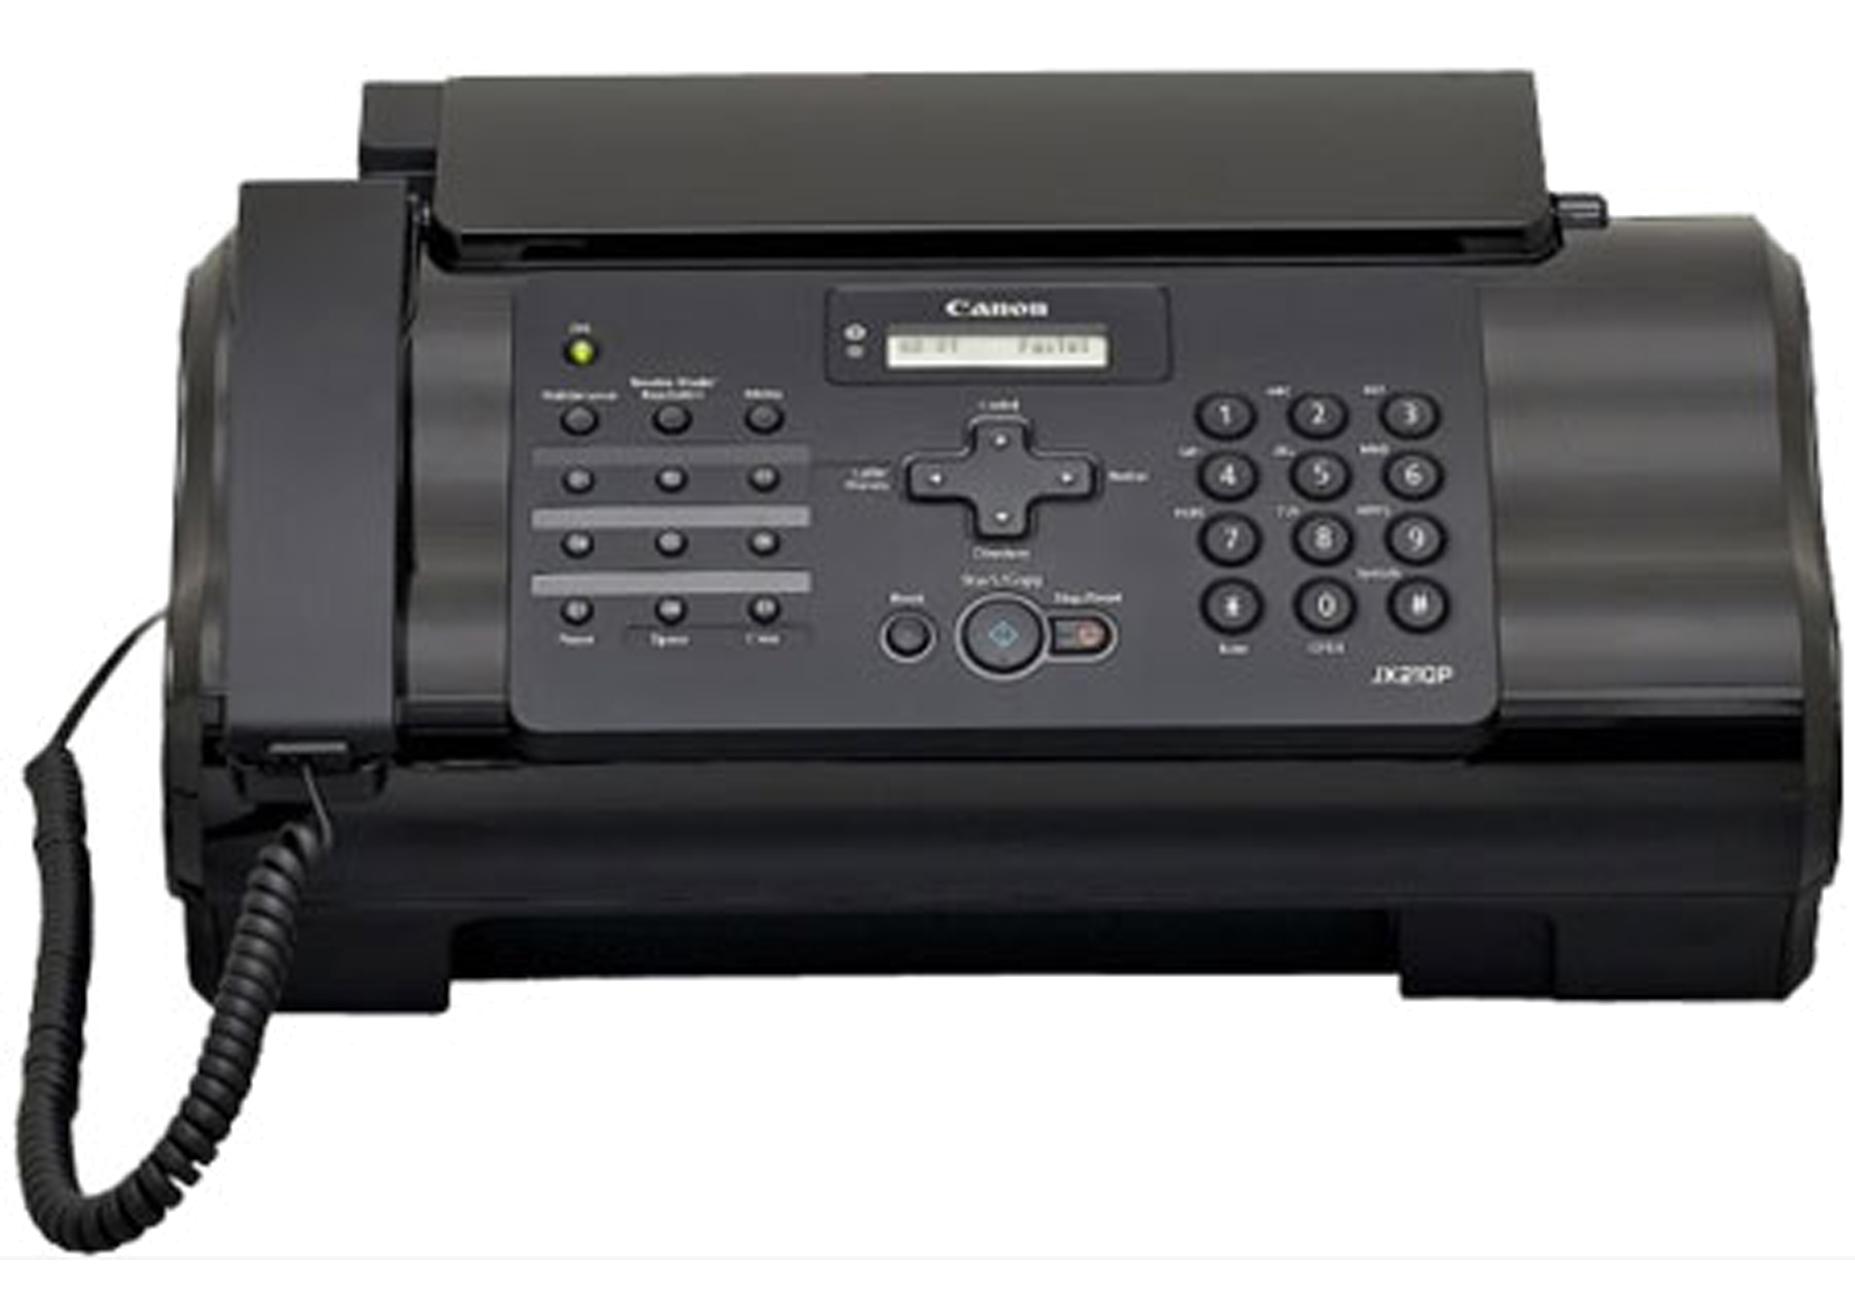 Ремонт факса